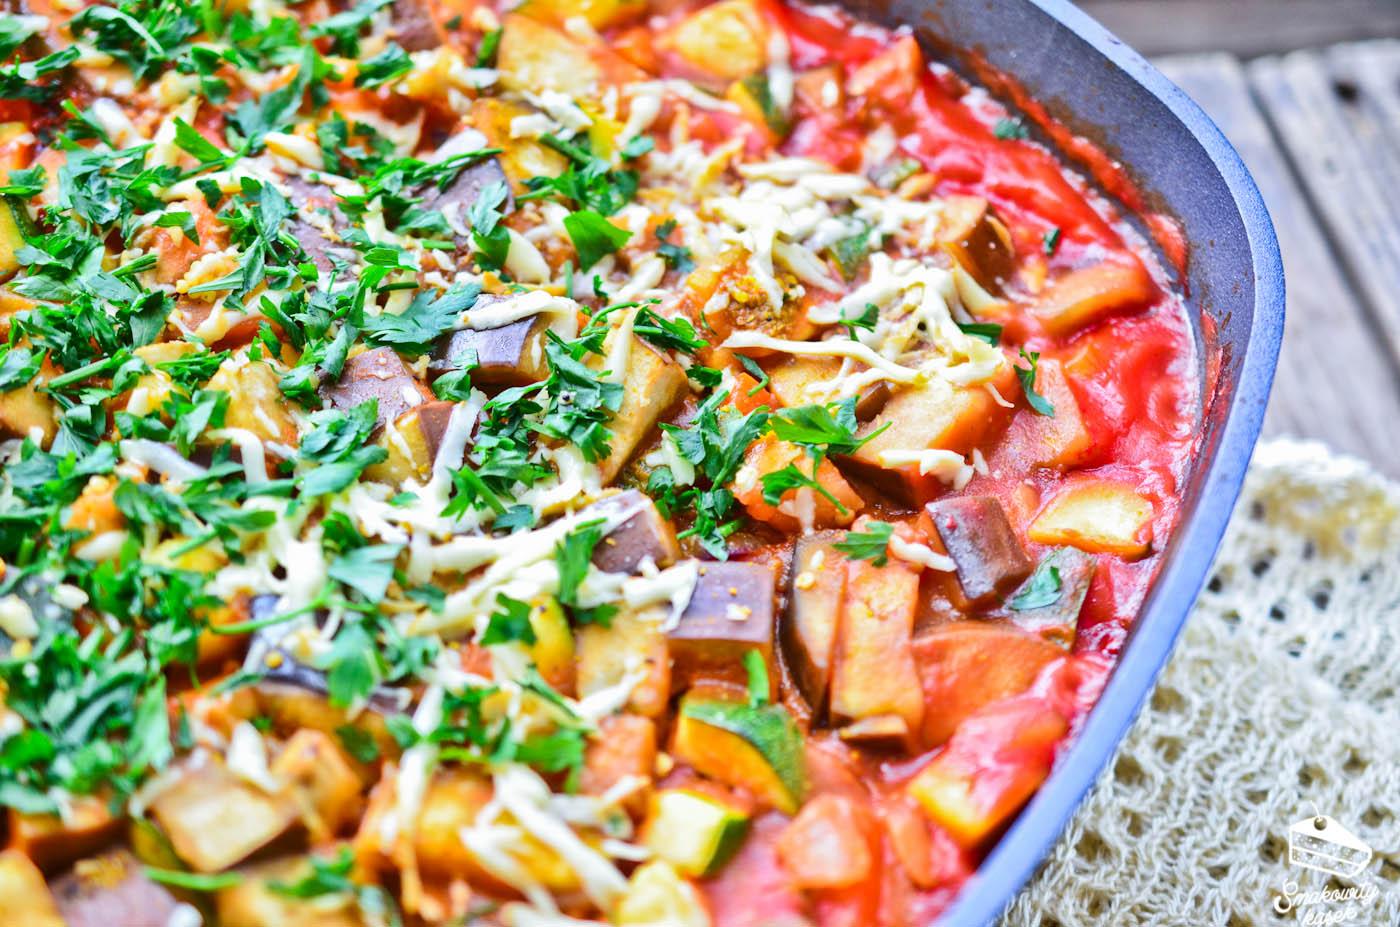 kasza-jaglana-z-warzywami-1-of-1-2